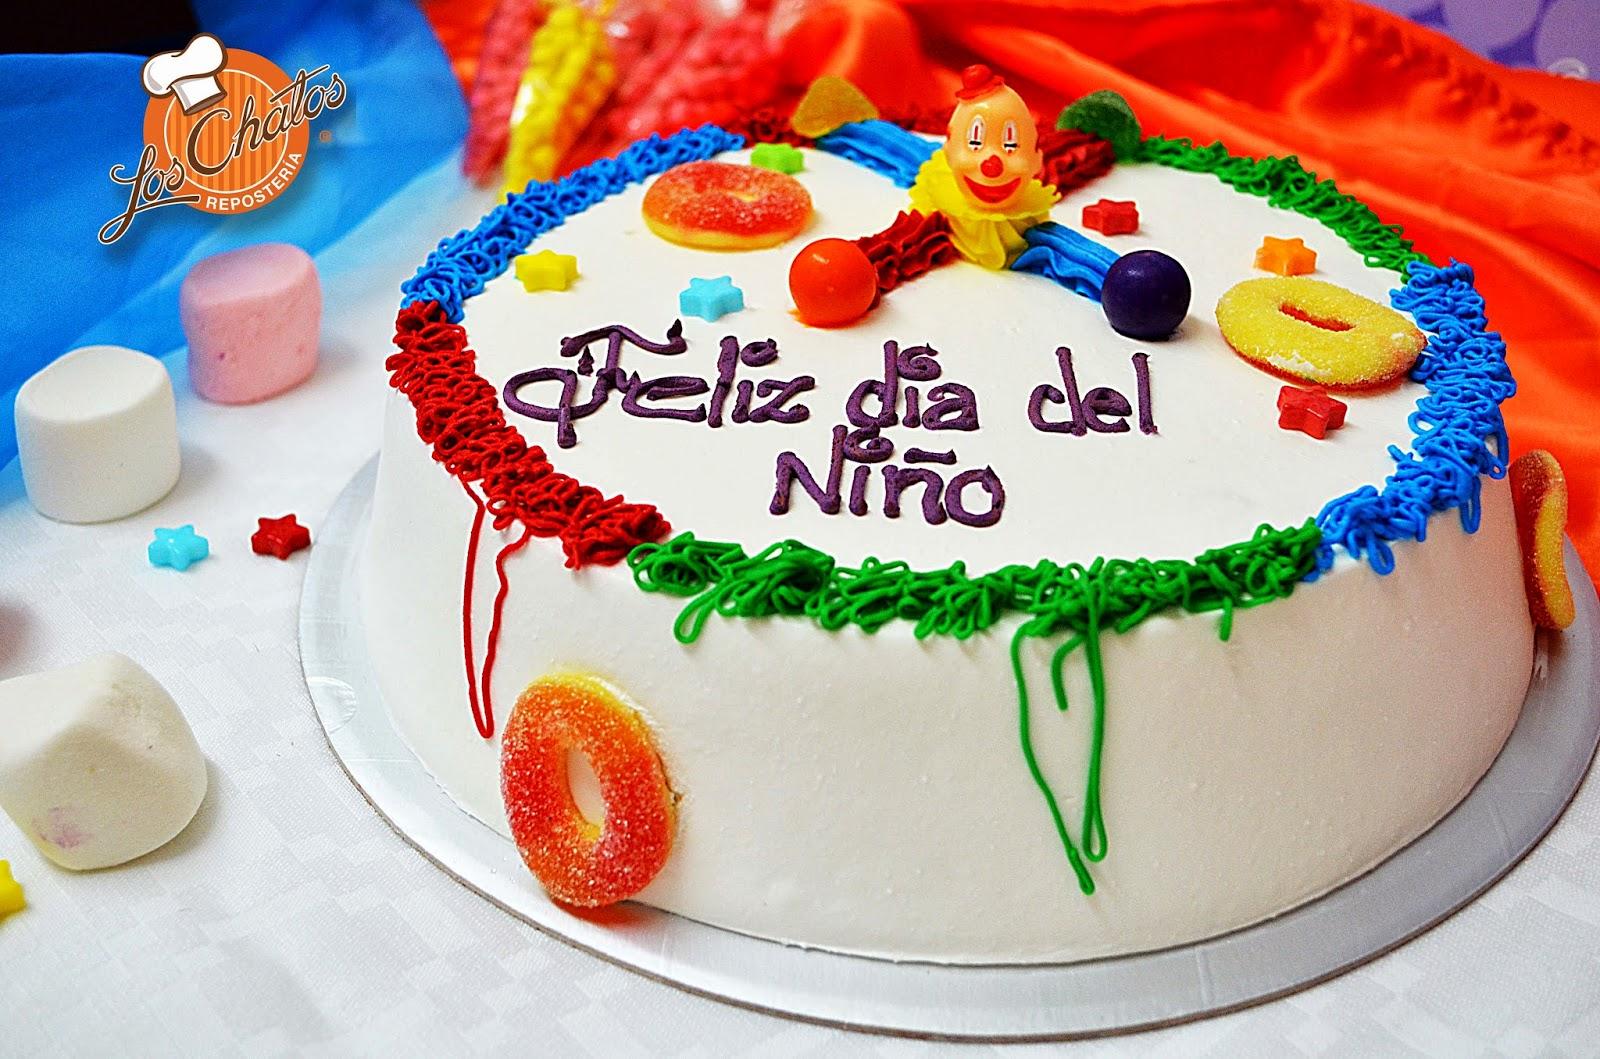 Repostería Los chatos: Día del Niño, pasteles y detalles ...